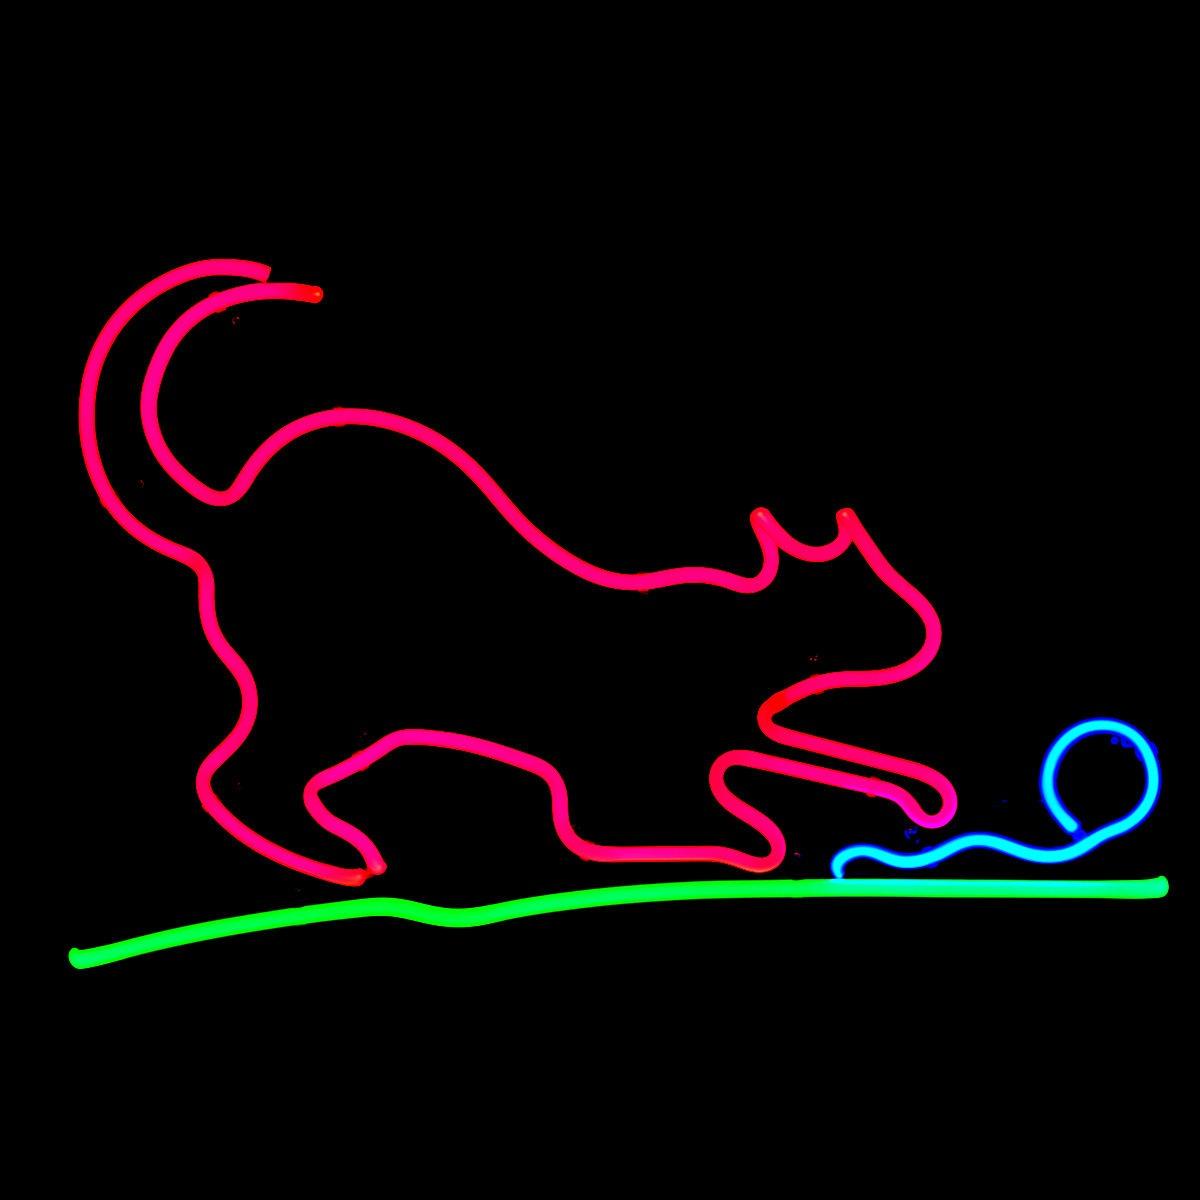 Cat Neon Light Sculpture - by John Barton - BartonNeonMagic.com